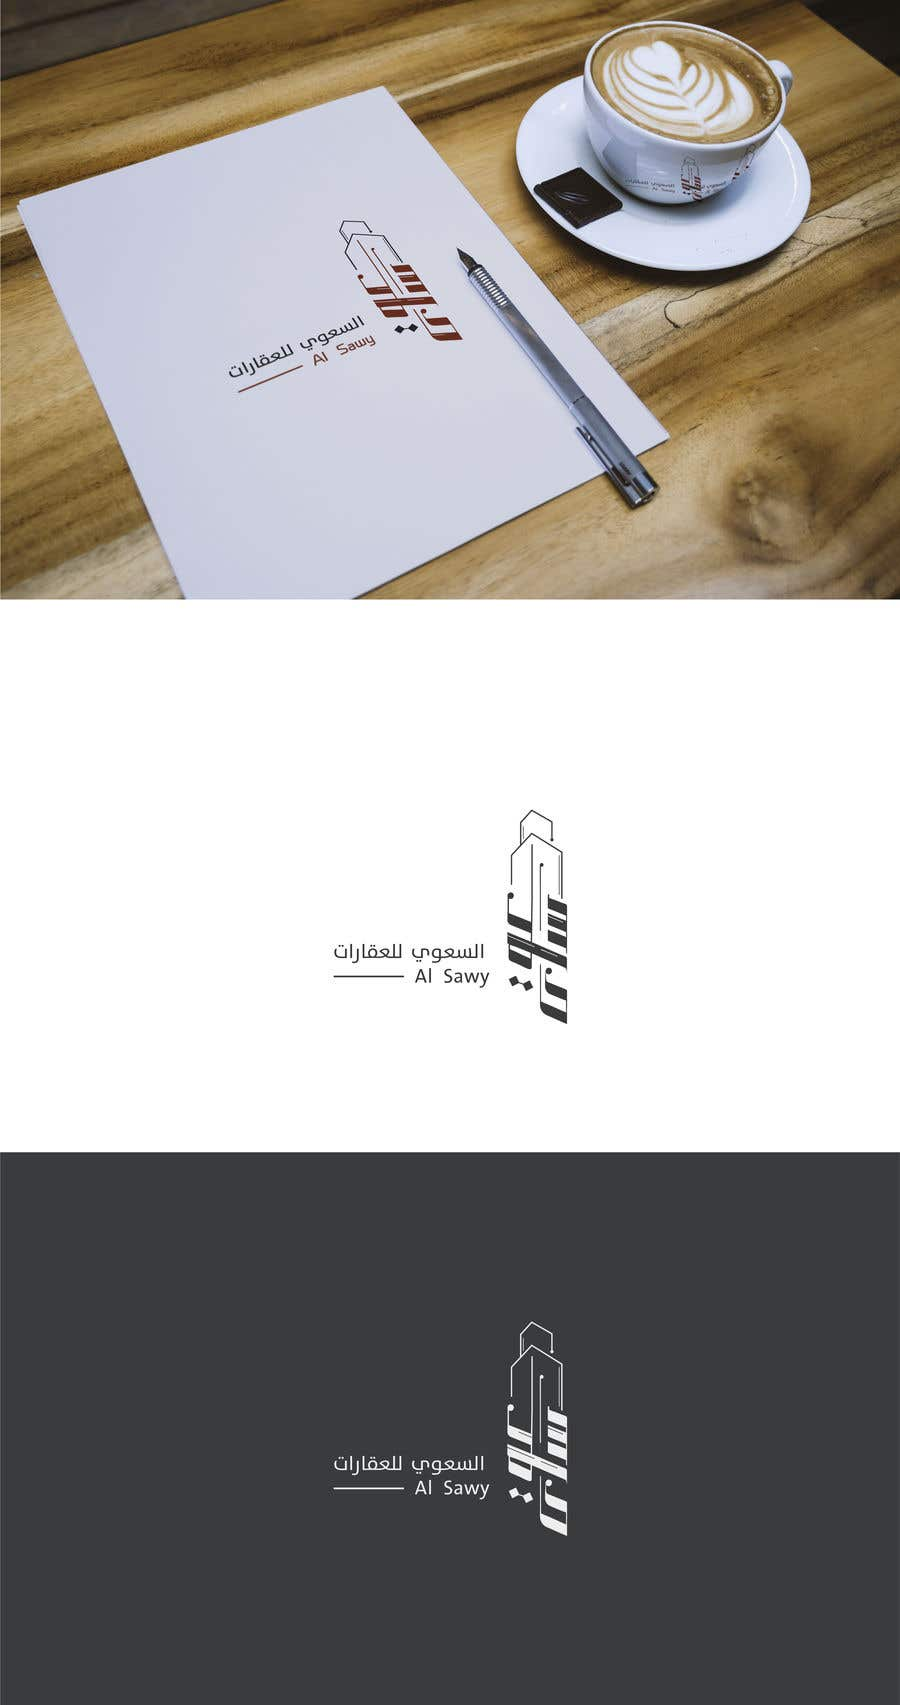 Penyertaan Peraduan #117 untuk Design logo for real estate company - Al sawy